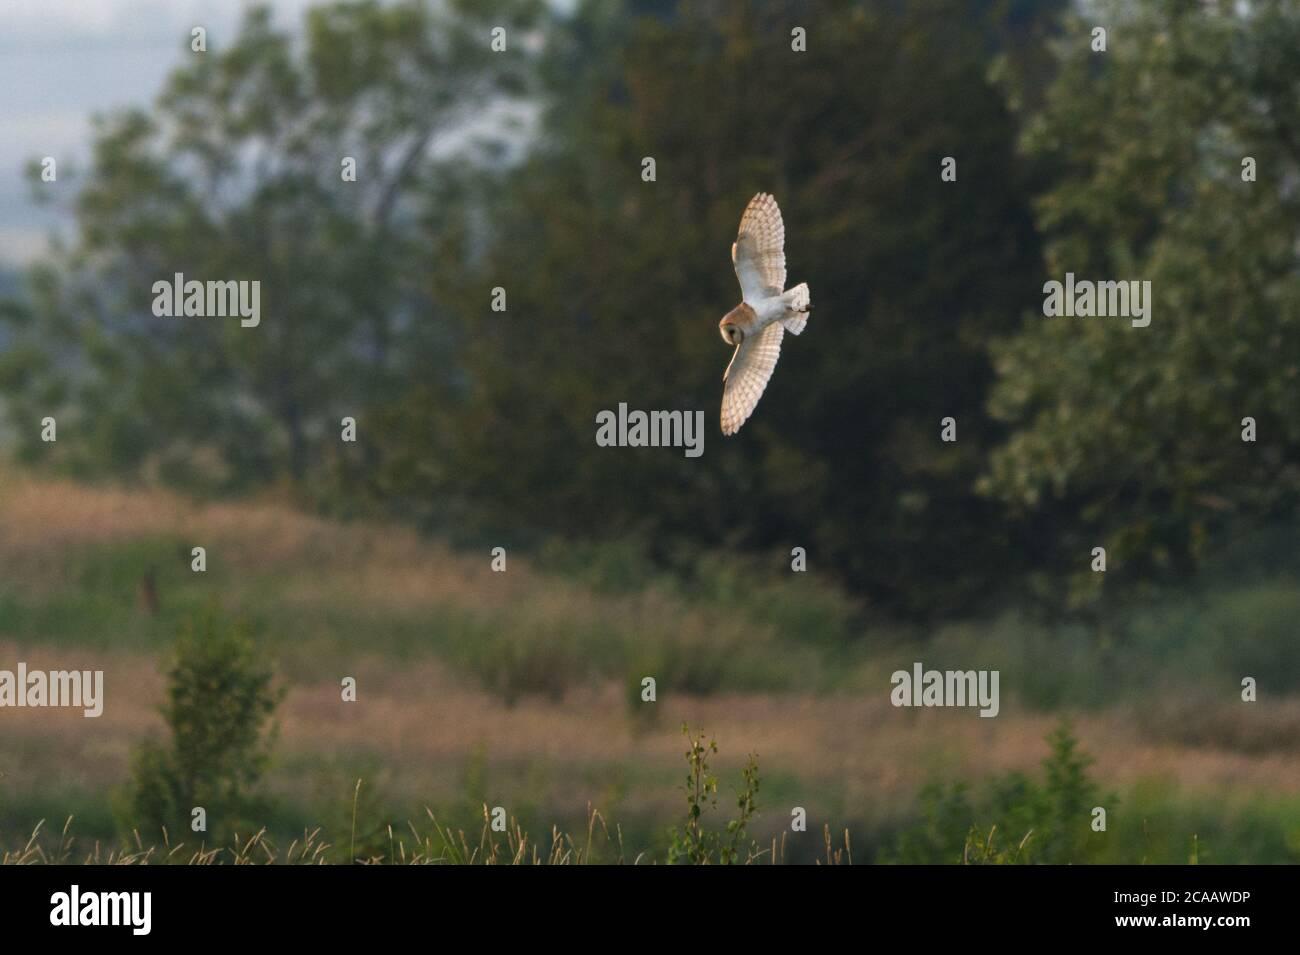 Scheune Eule im Flug mit Flügeln voll offene Quartering über Feld, Jagd nach Beute, leicht hinterleuchtet. Stockfoto